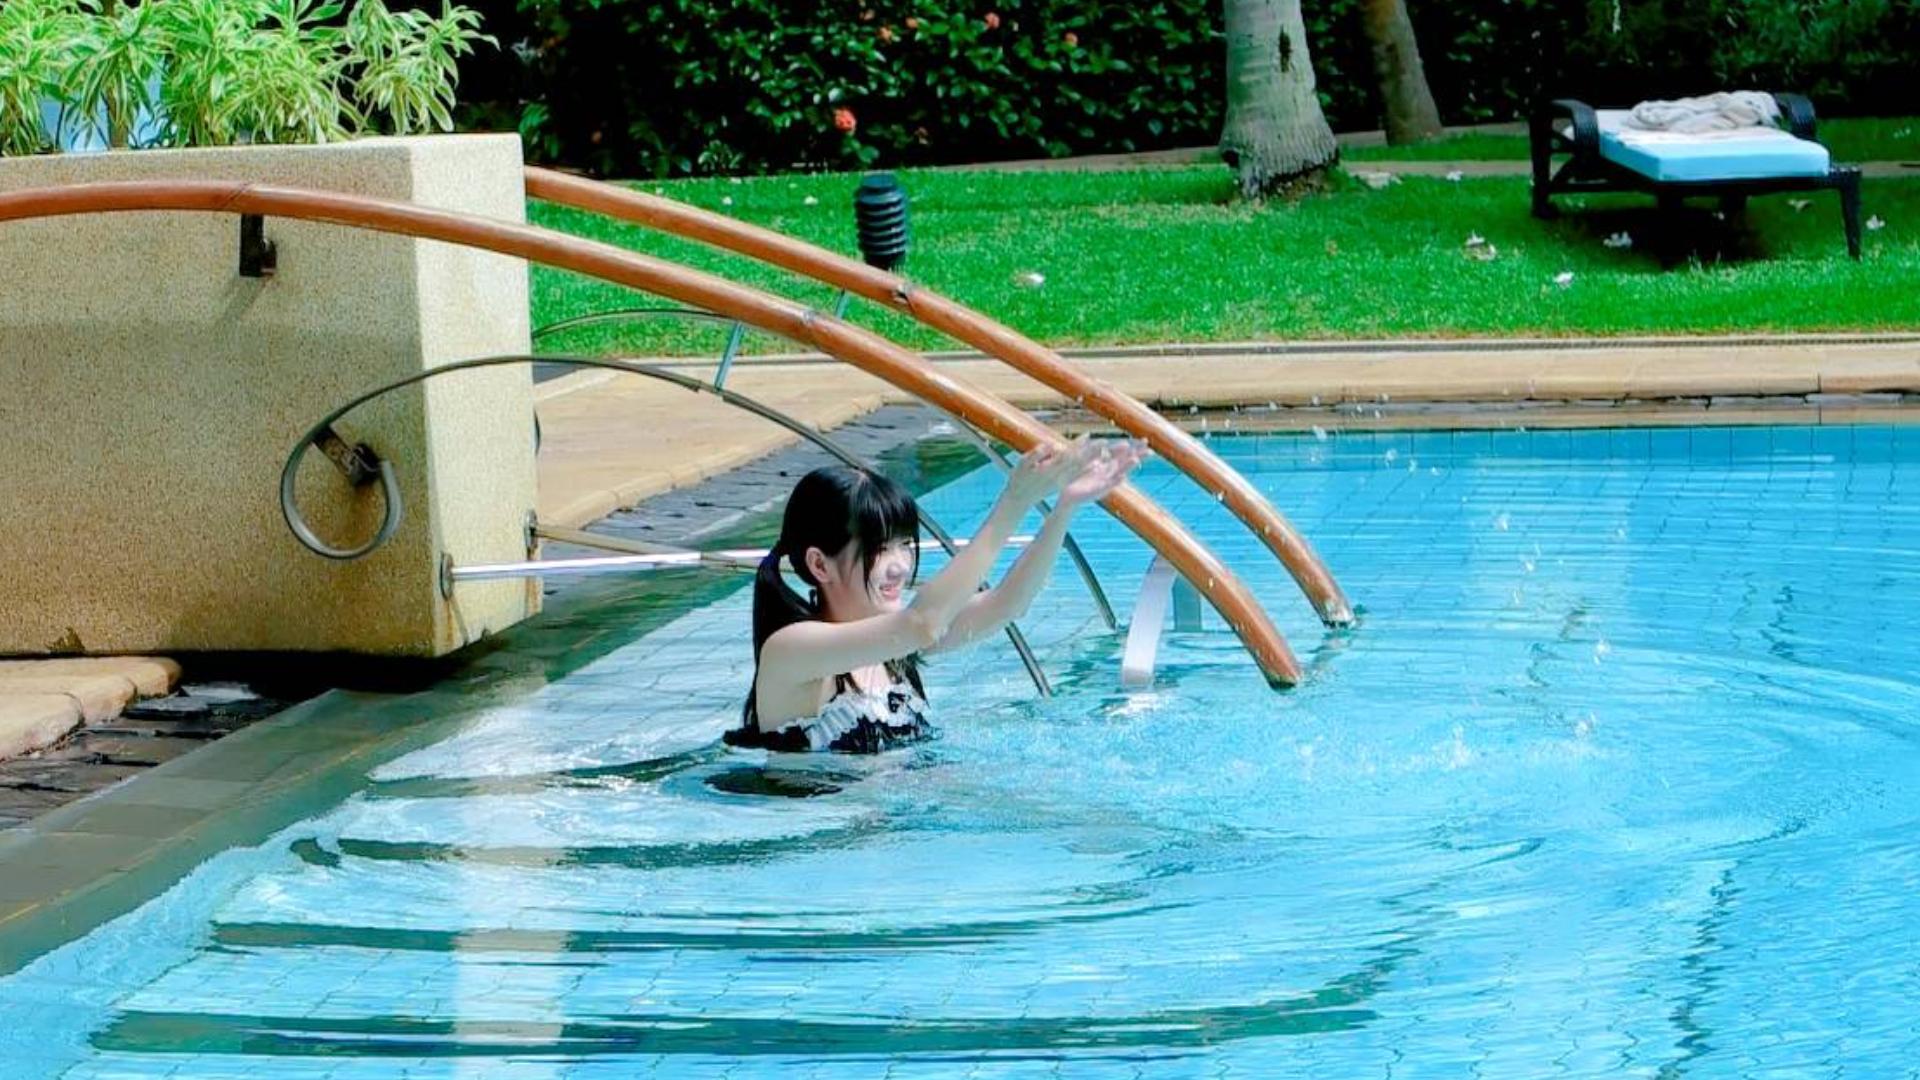 泳...泳....泳.......泳衣?第一次超羞耻⁄(⁄ ⁄•⁄ω⁄•⁄ ⁄)⁄